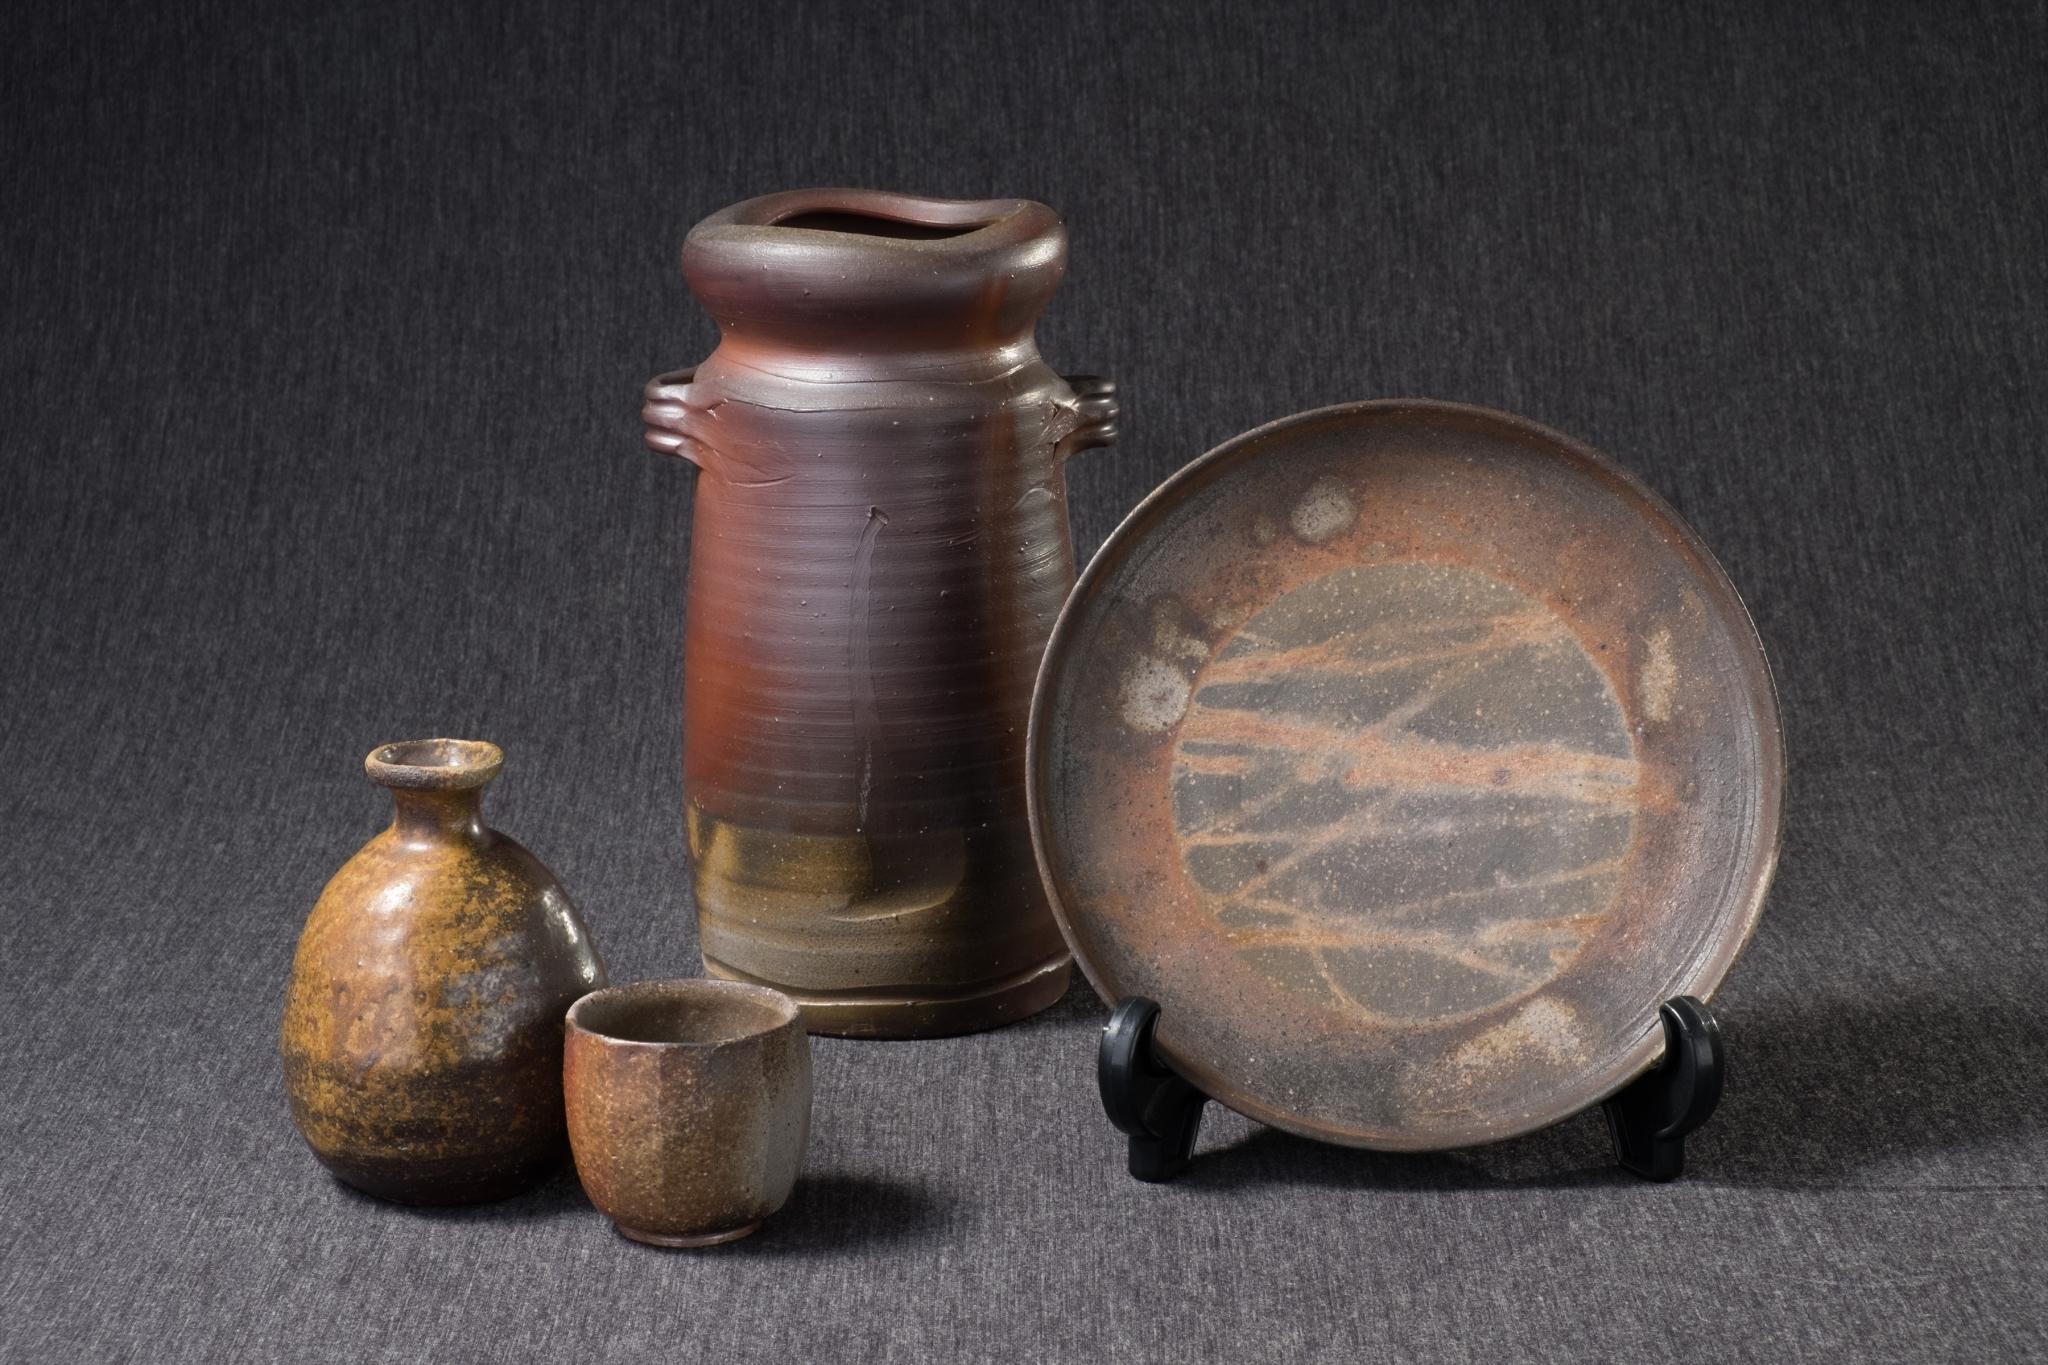 Le musée de la poterie Bizen